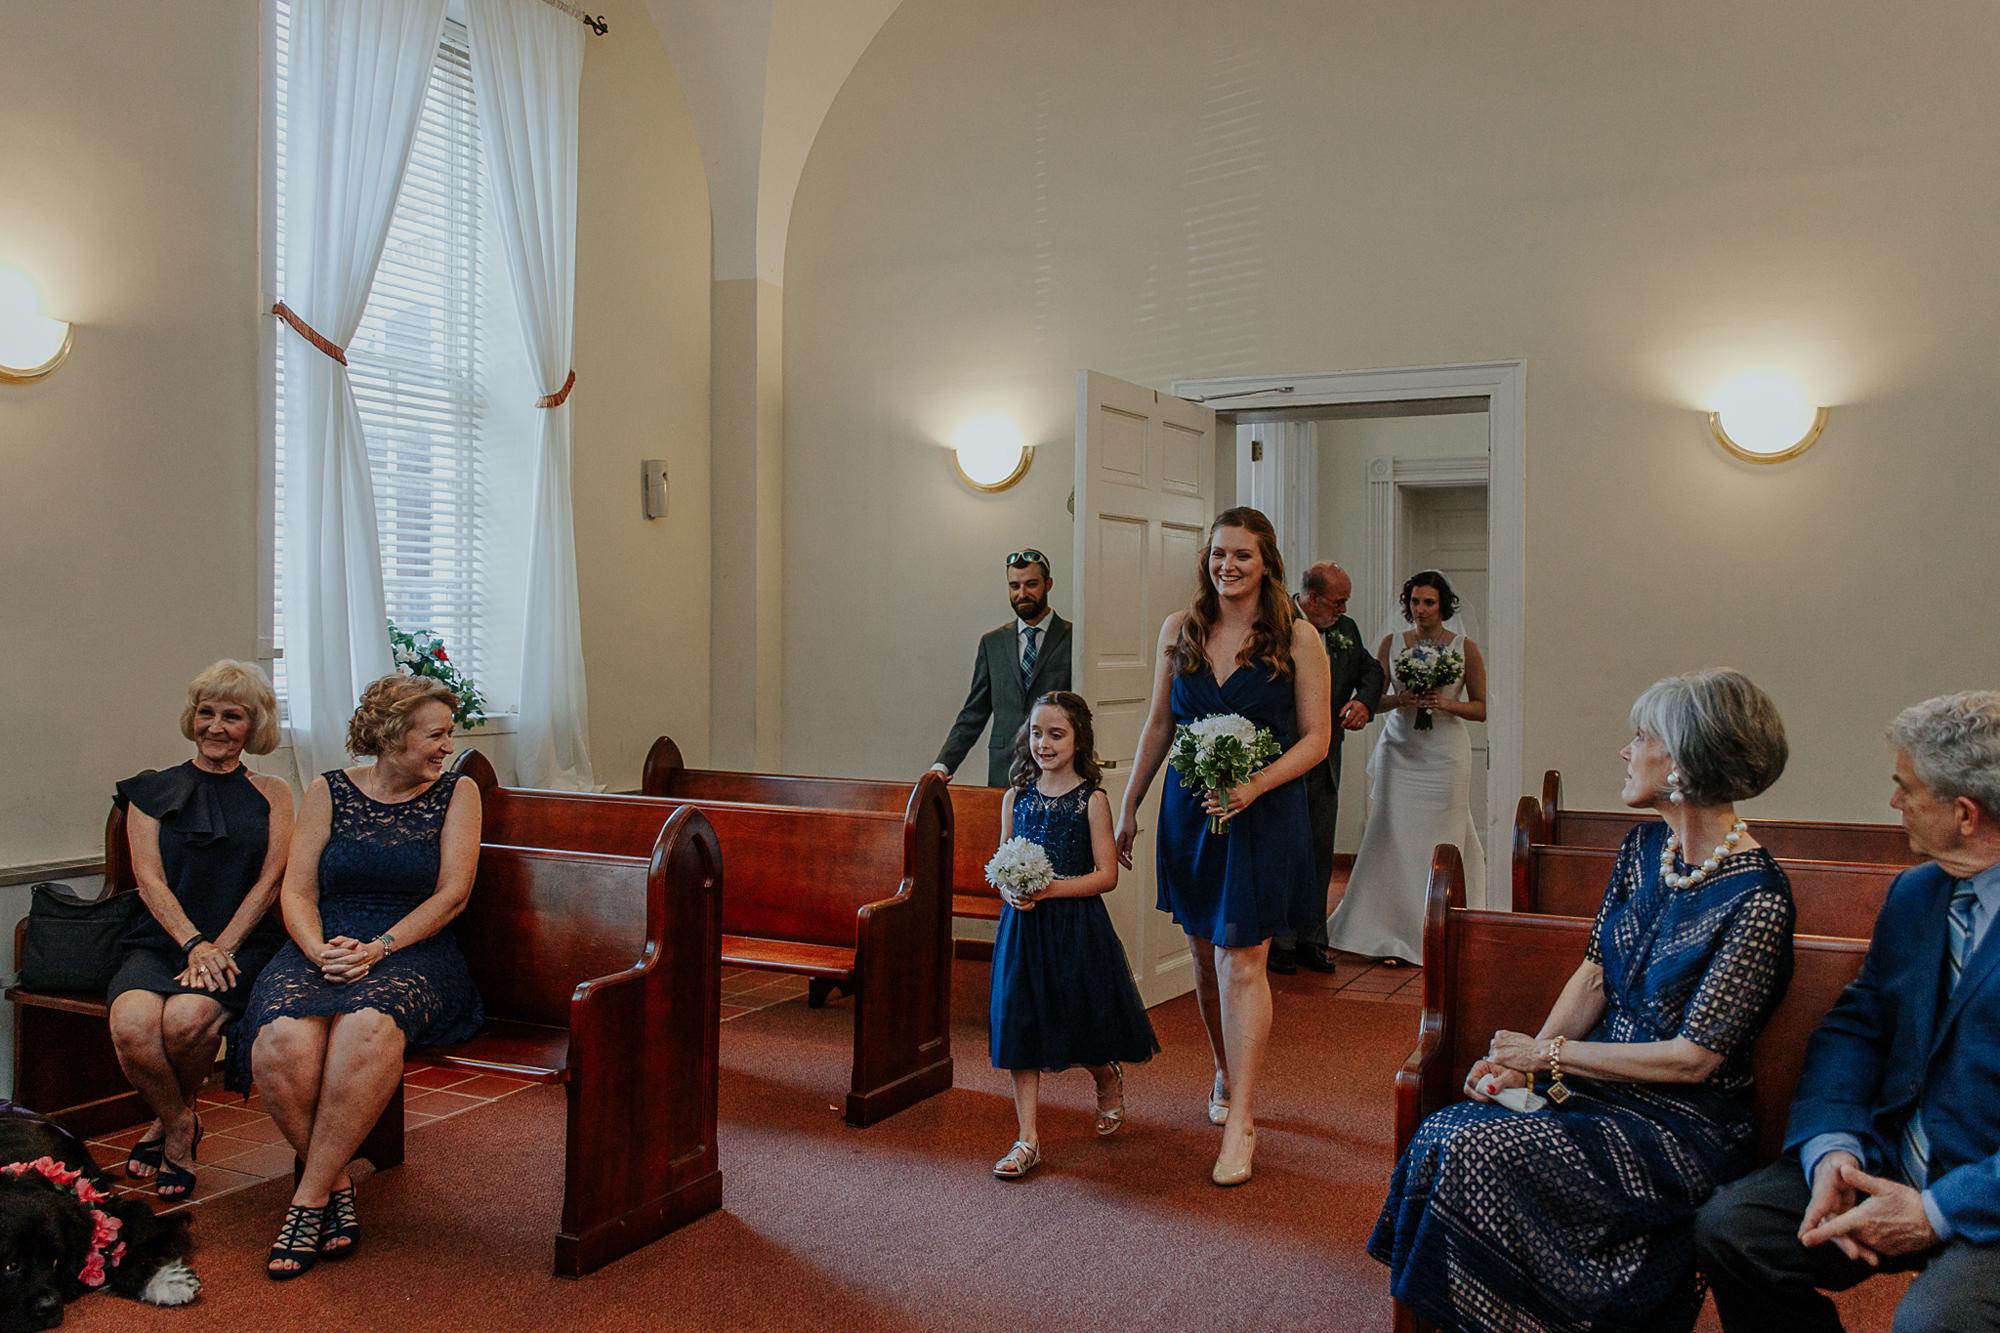 052-annapolis_courthouse_wedding.jpg